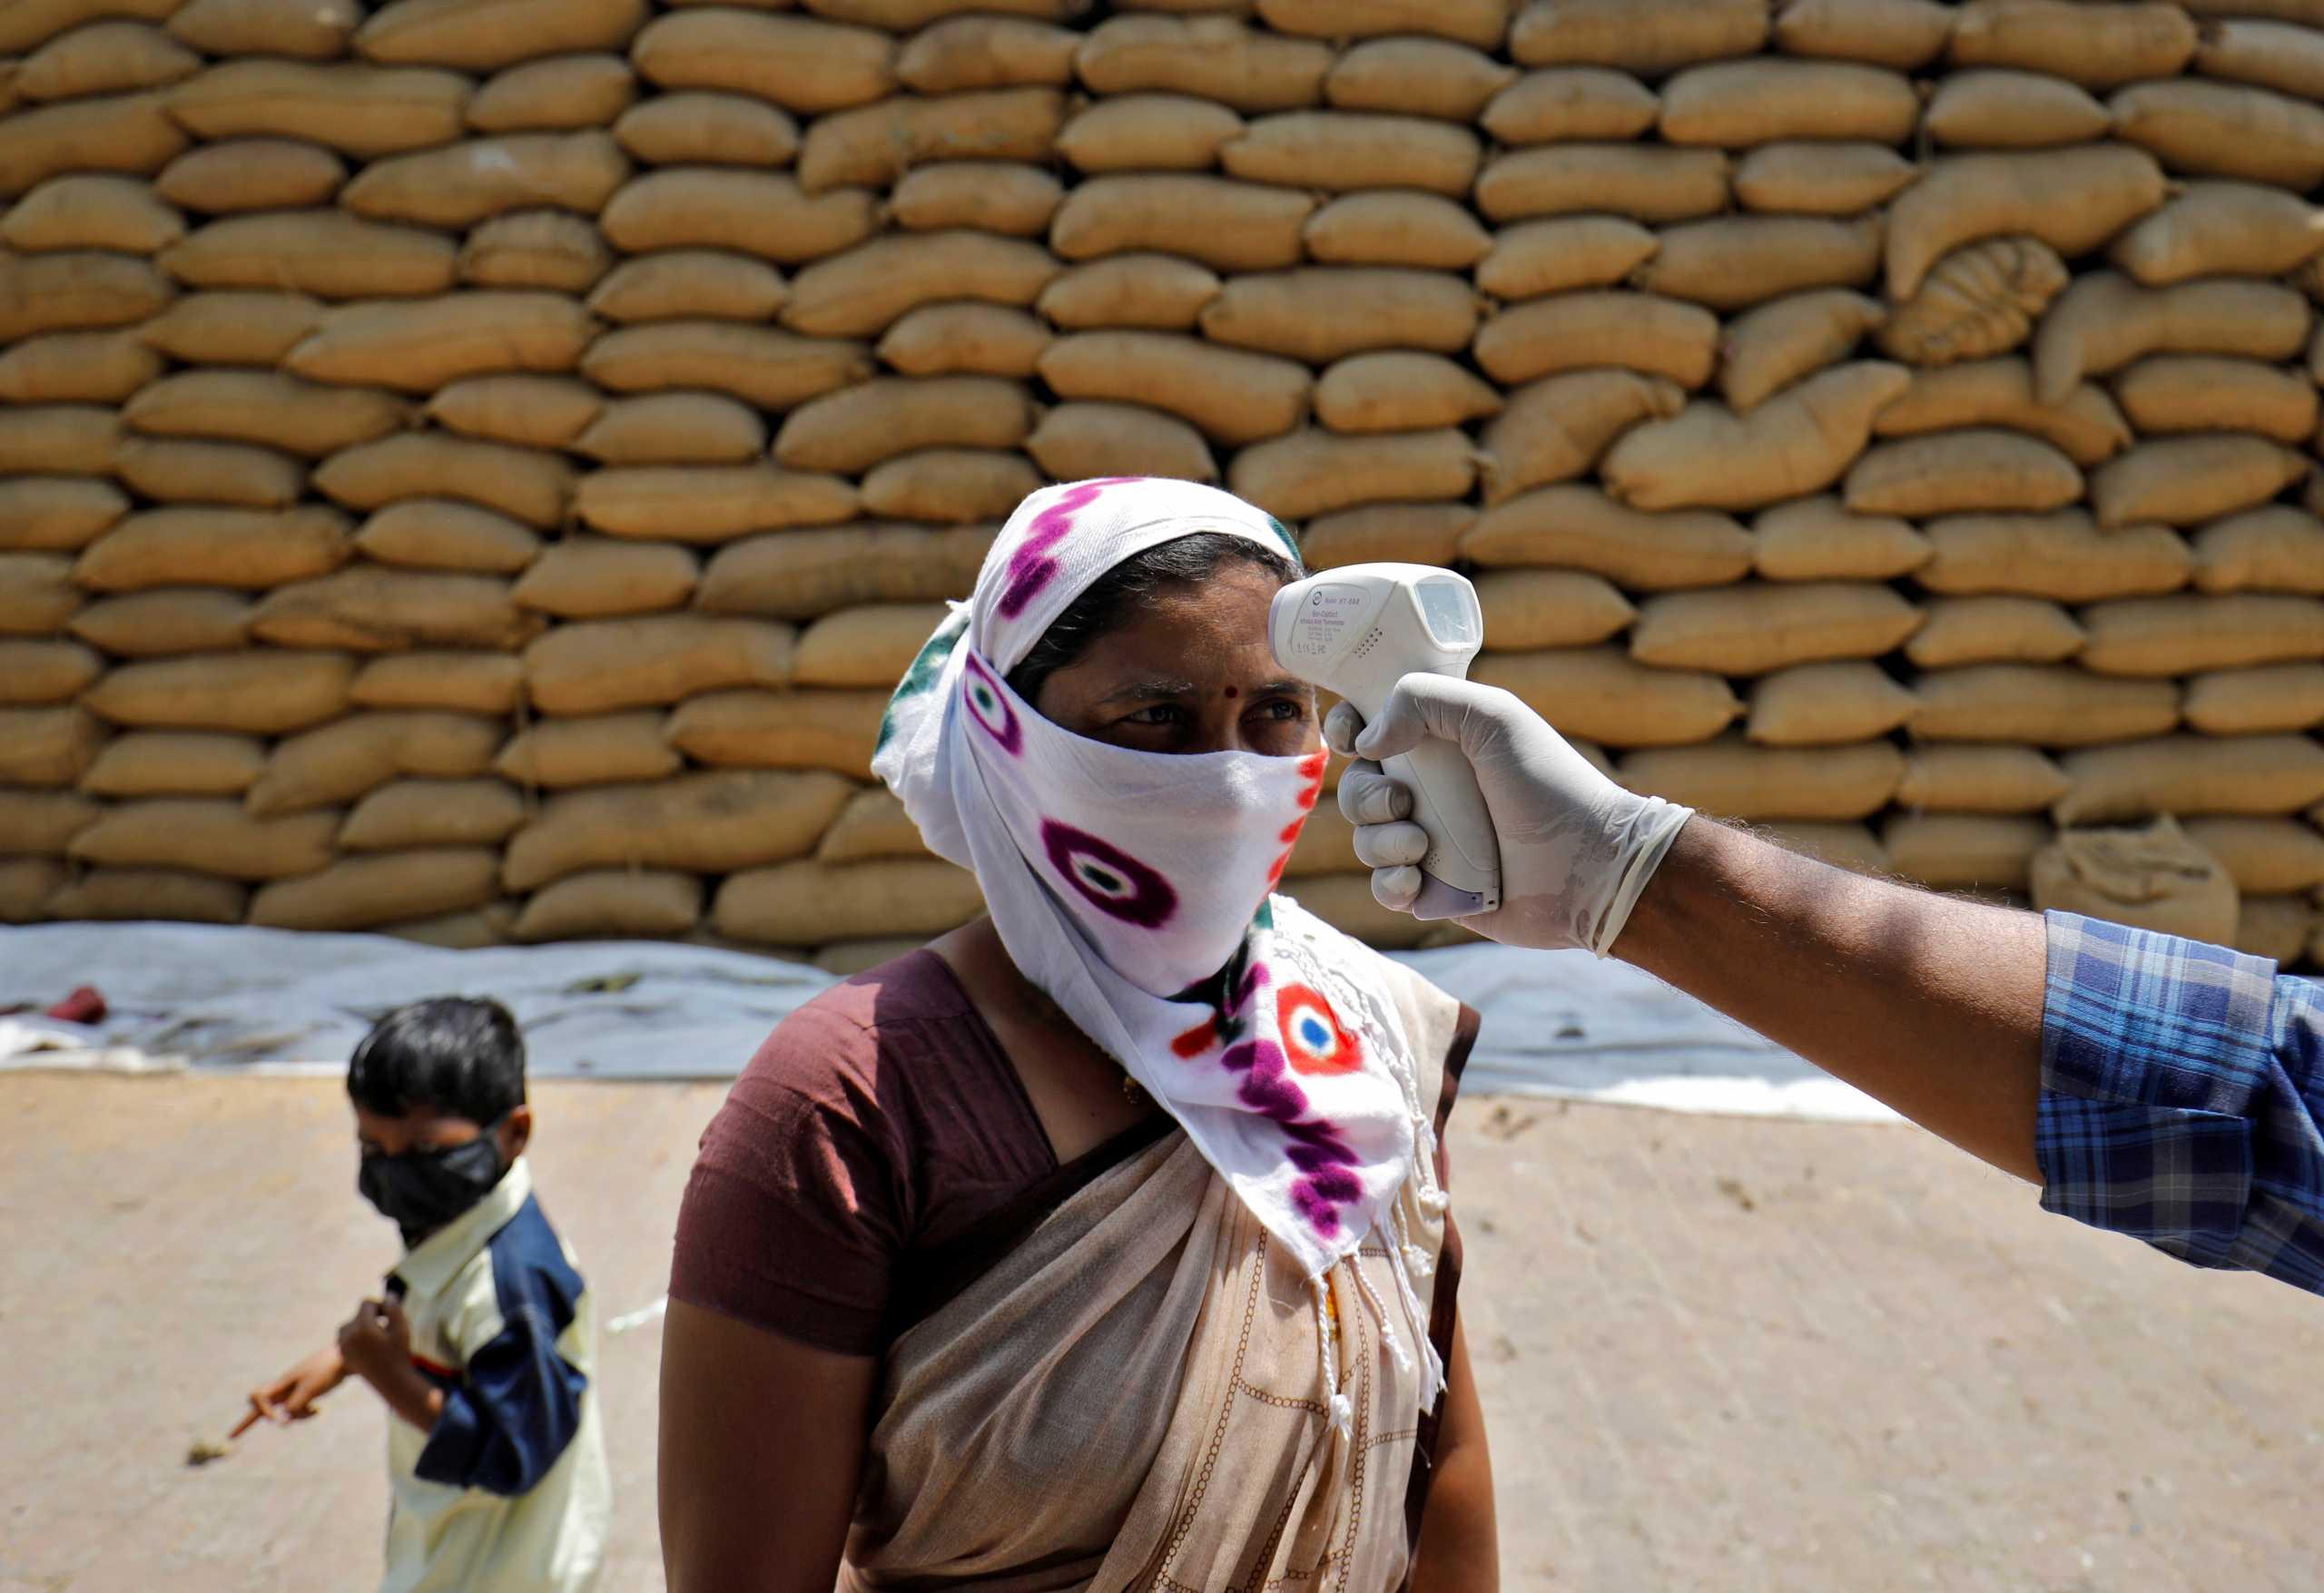 Απανωτά τα χτυπήματα στην Ινδία: Μετά τον κορονοϊό έρχεται κυκλώνας